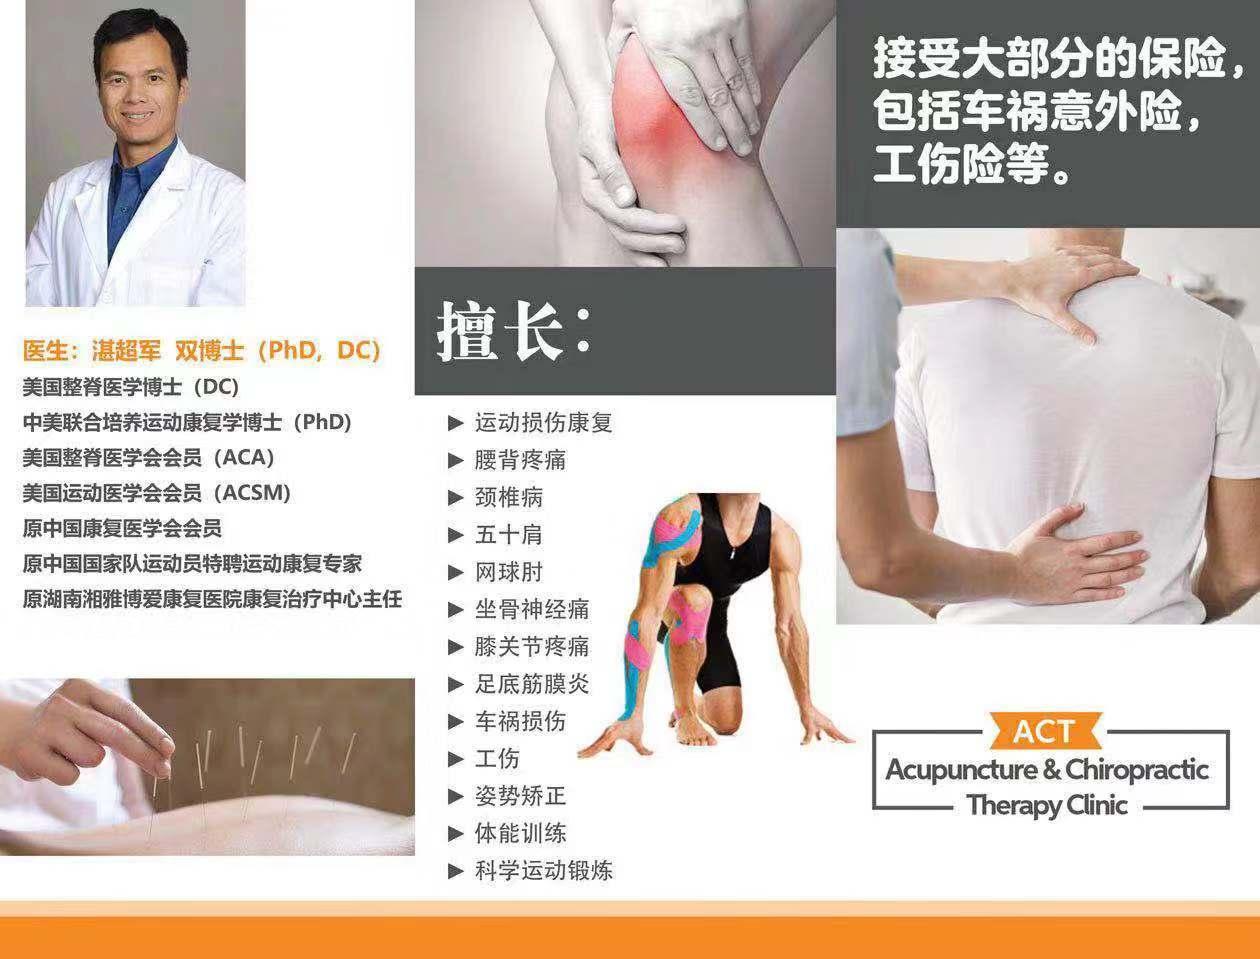 活力针灸与整脊康复治疗诊所